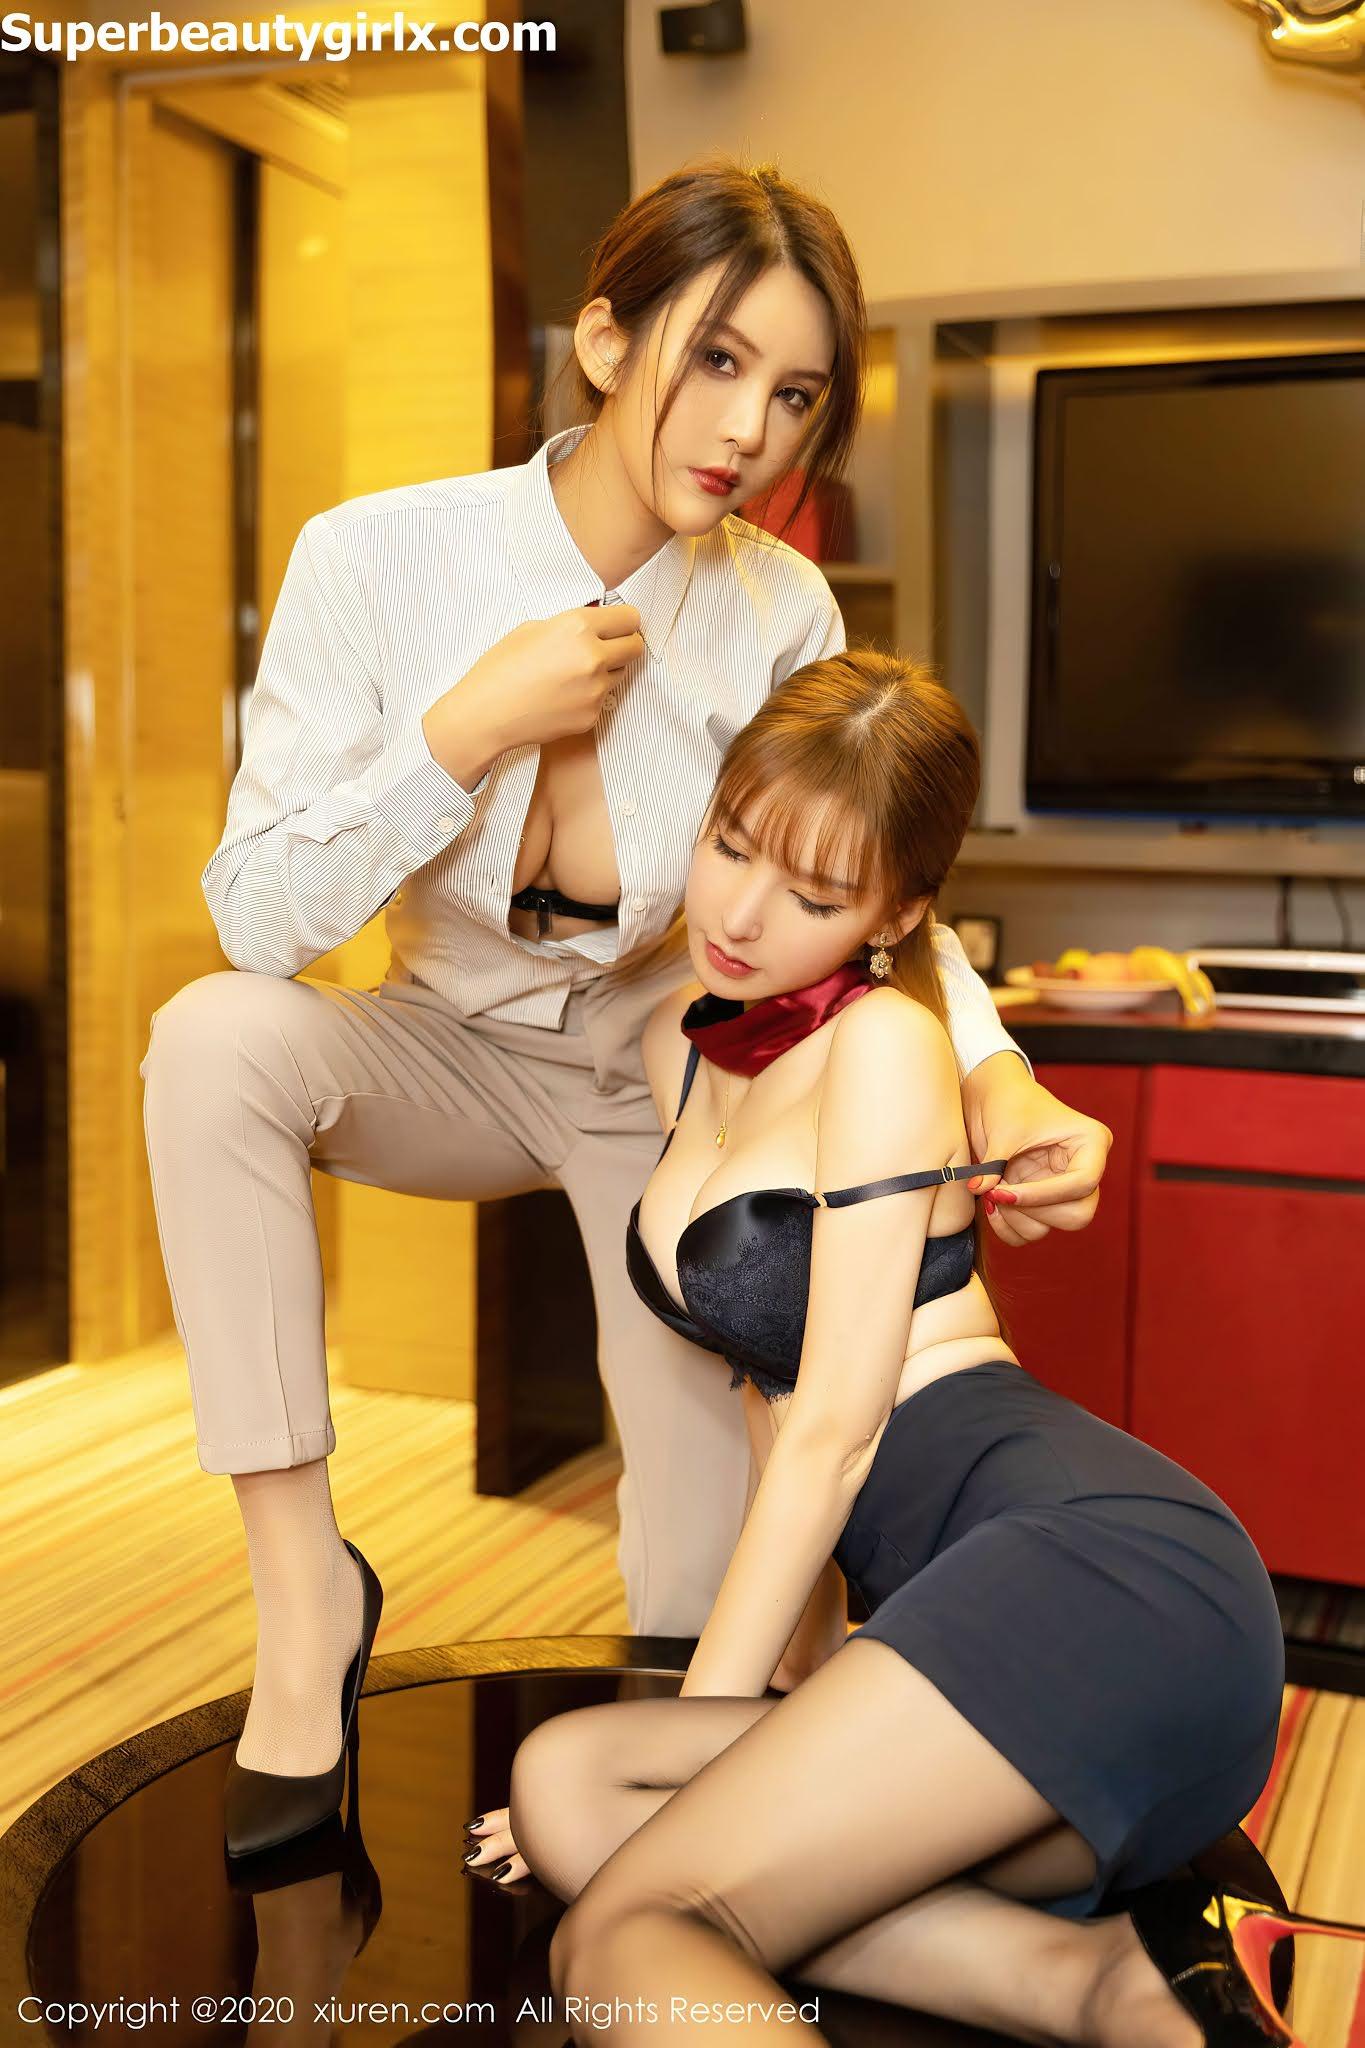 XIUREN-No.2857-Zhou-Yuxi-Sandy-and-Emily-Superbeautygirlx.com